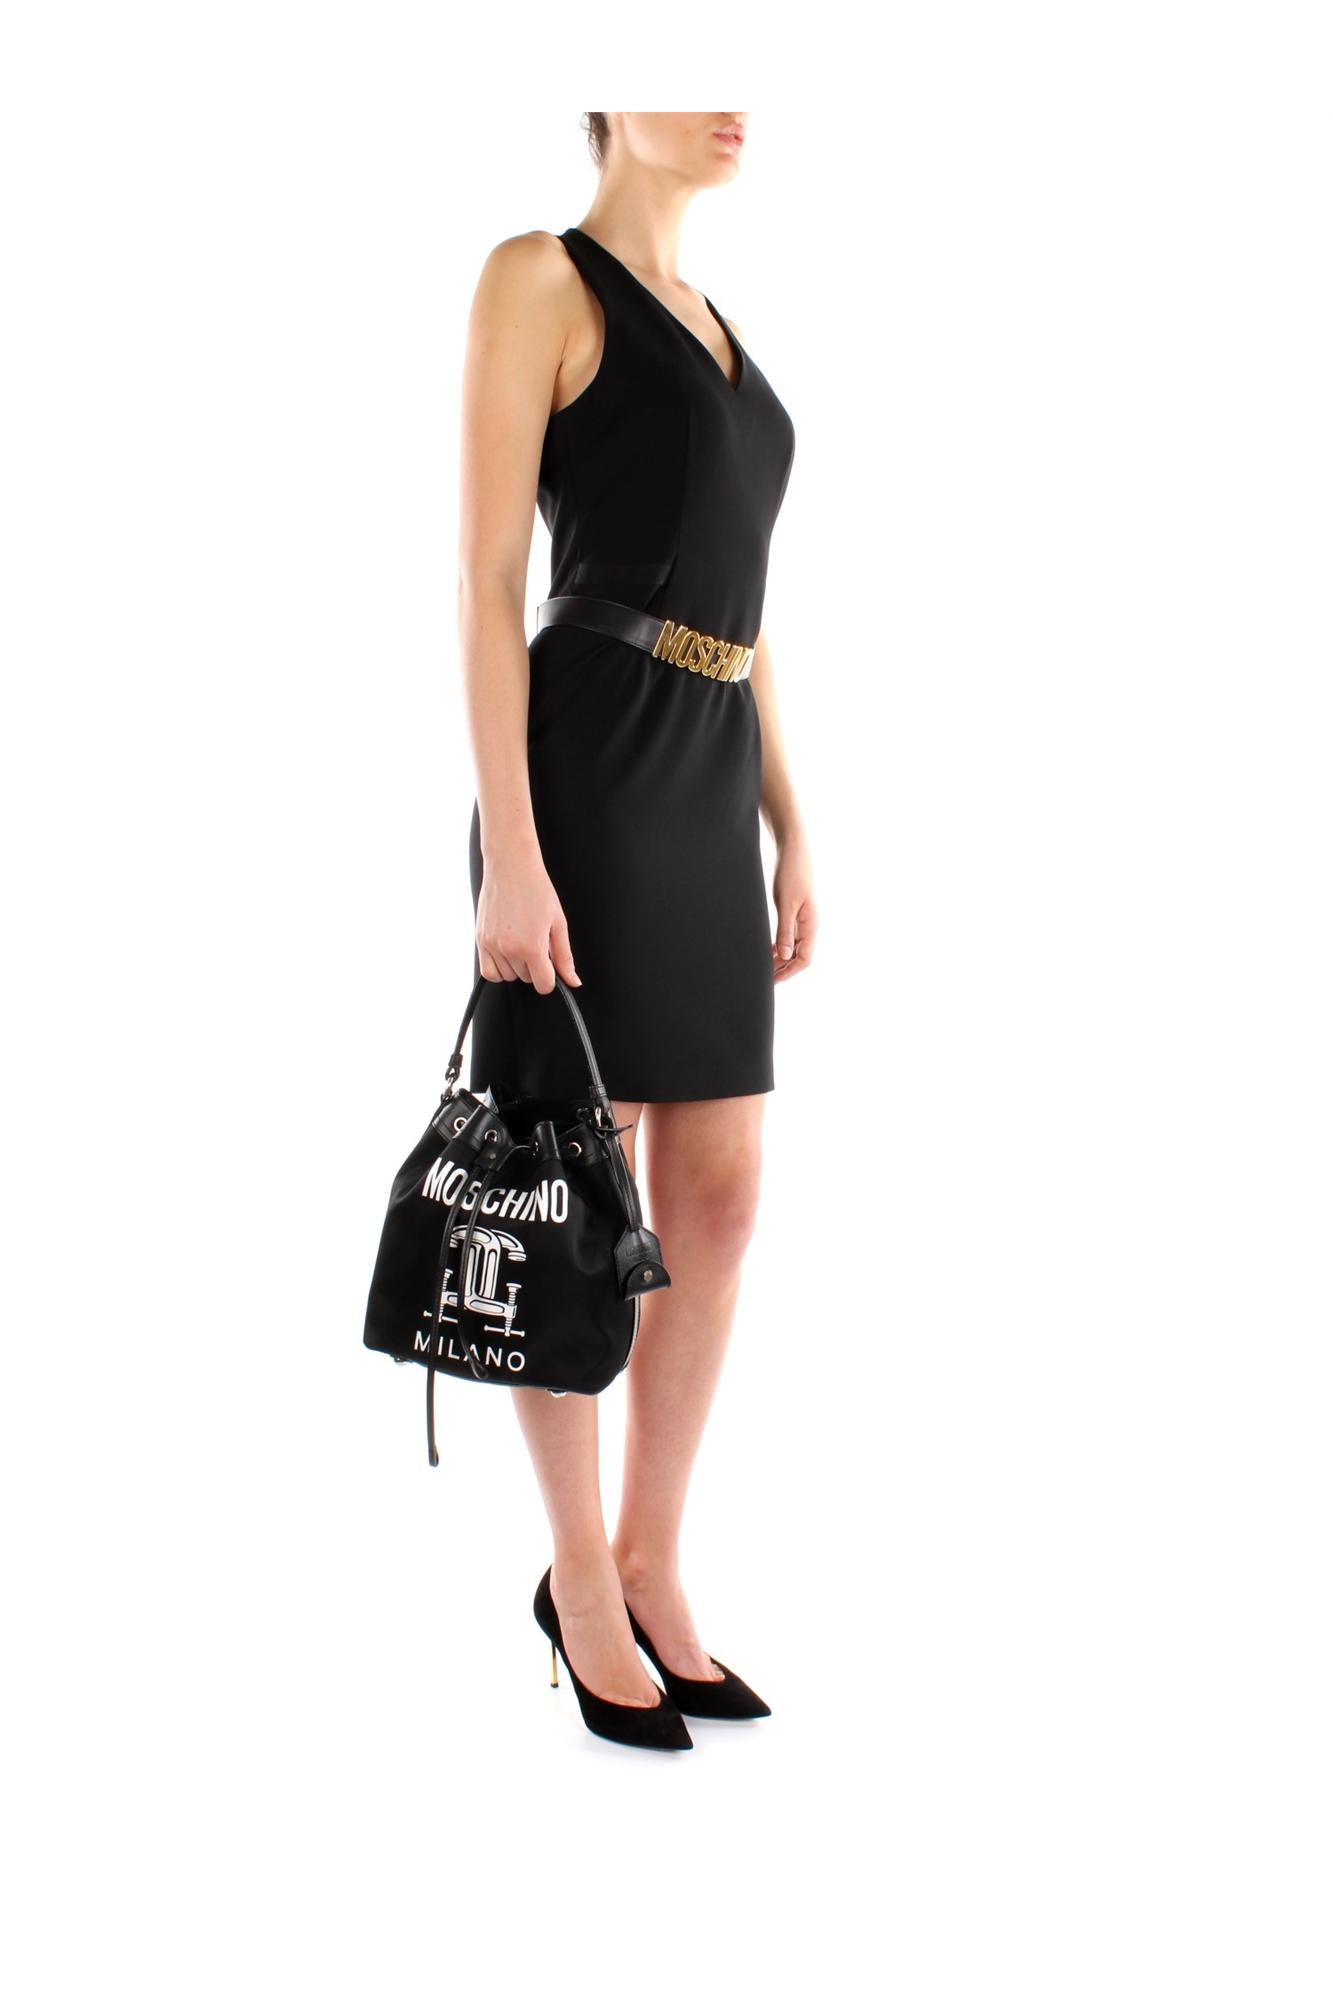 handtasche moschino damen stoff schwarz a759782501555. Black Bedroom Furniture Sets. Home Design Ideas